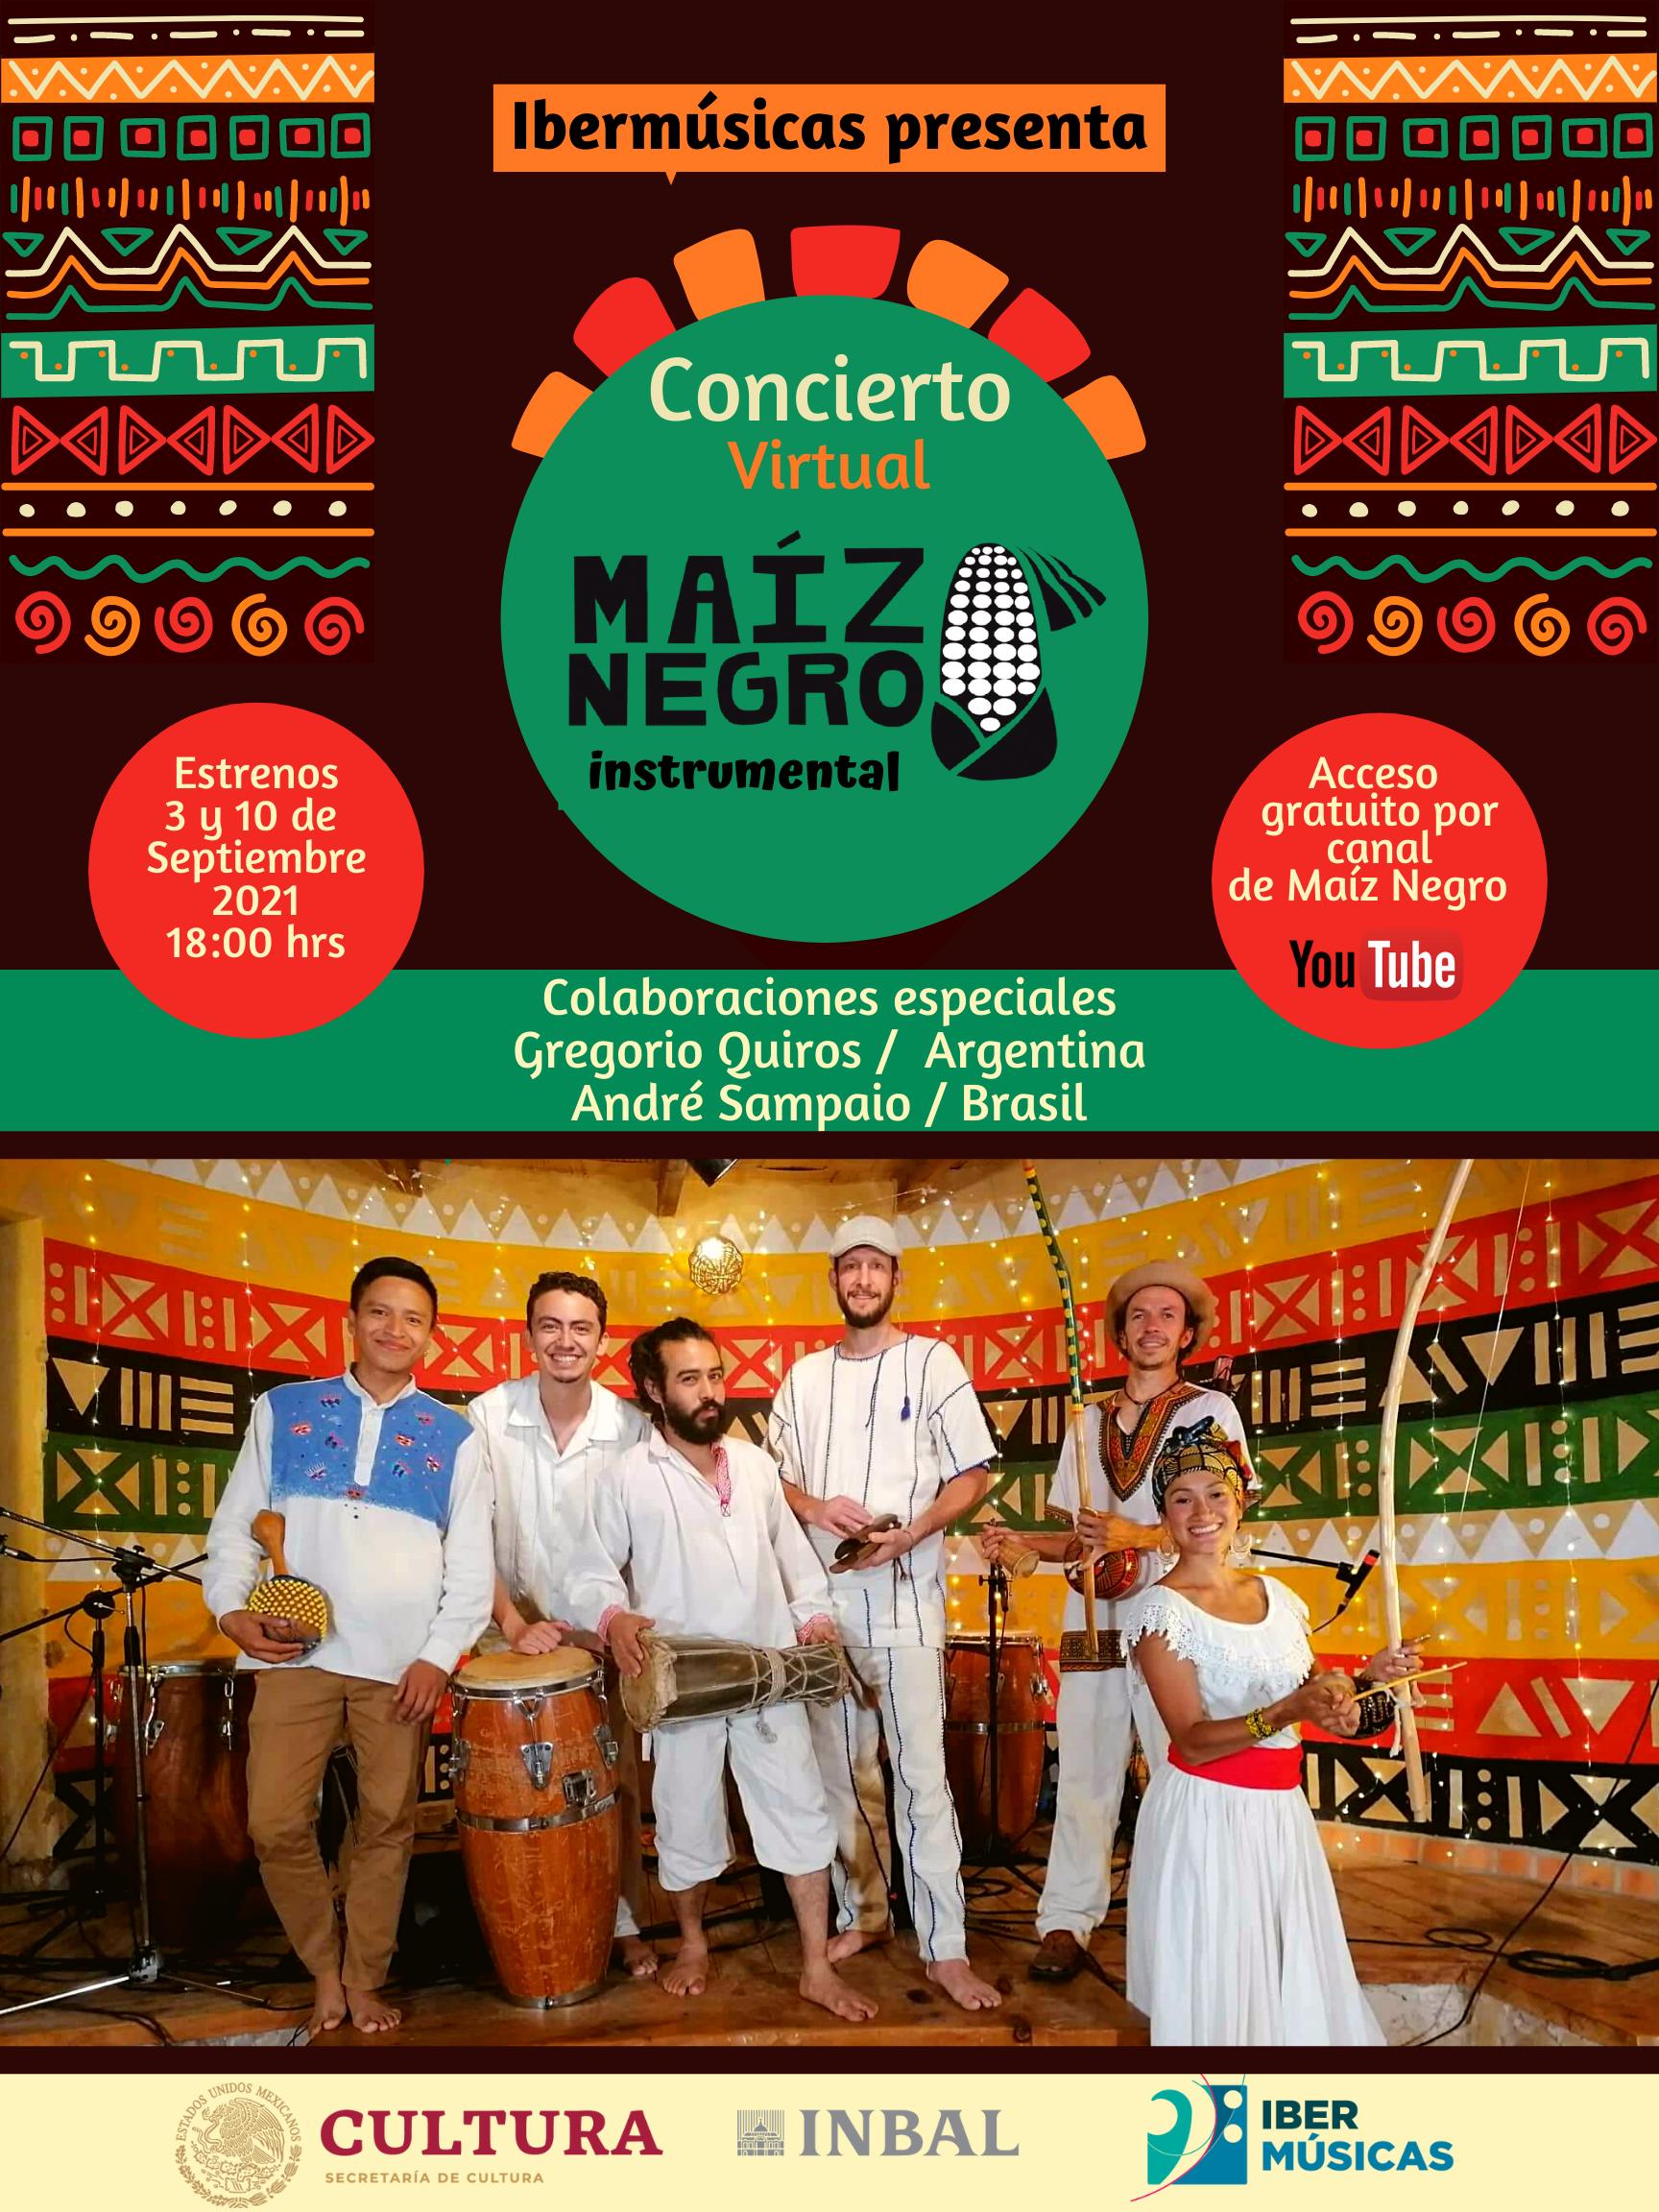 O Coletivo Maíz Negro do México apresenta seu Concerto Virtual com a participação de artistas da Argentina e do Brasil